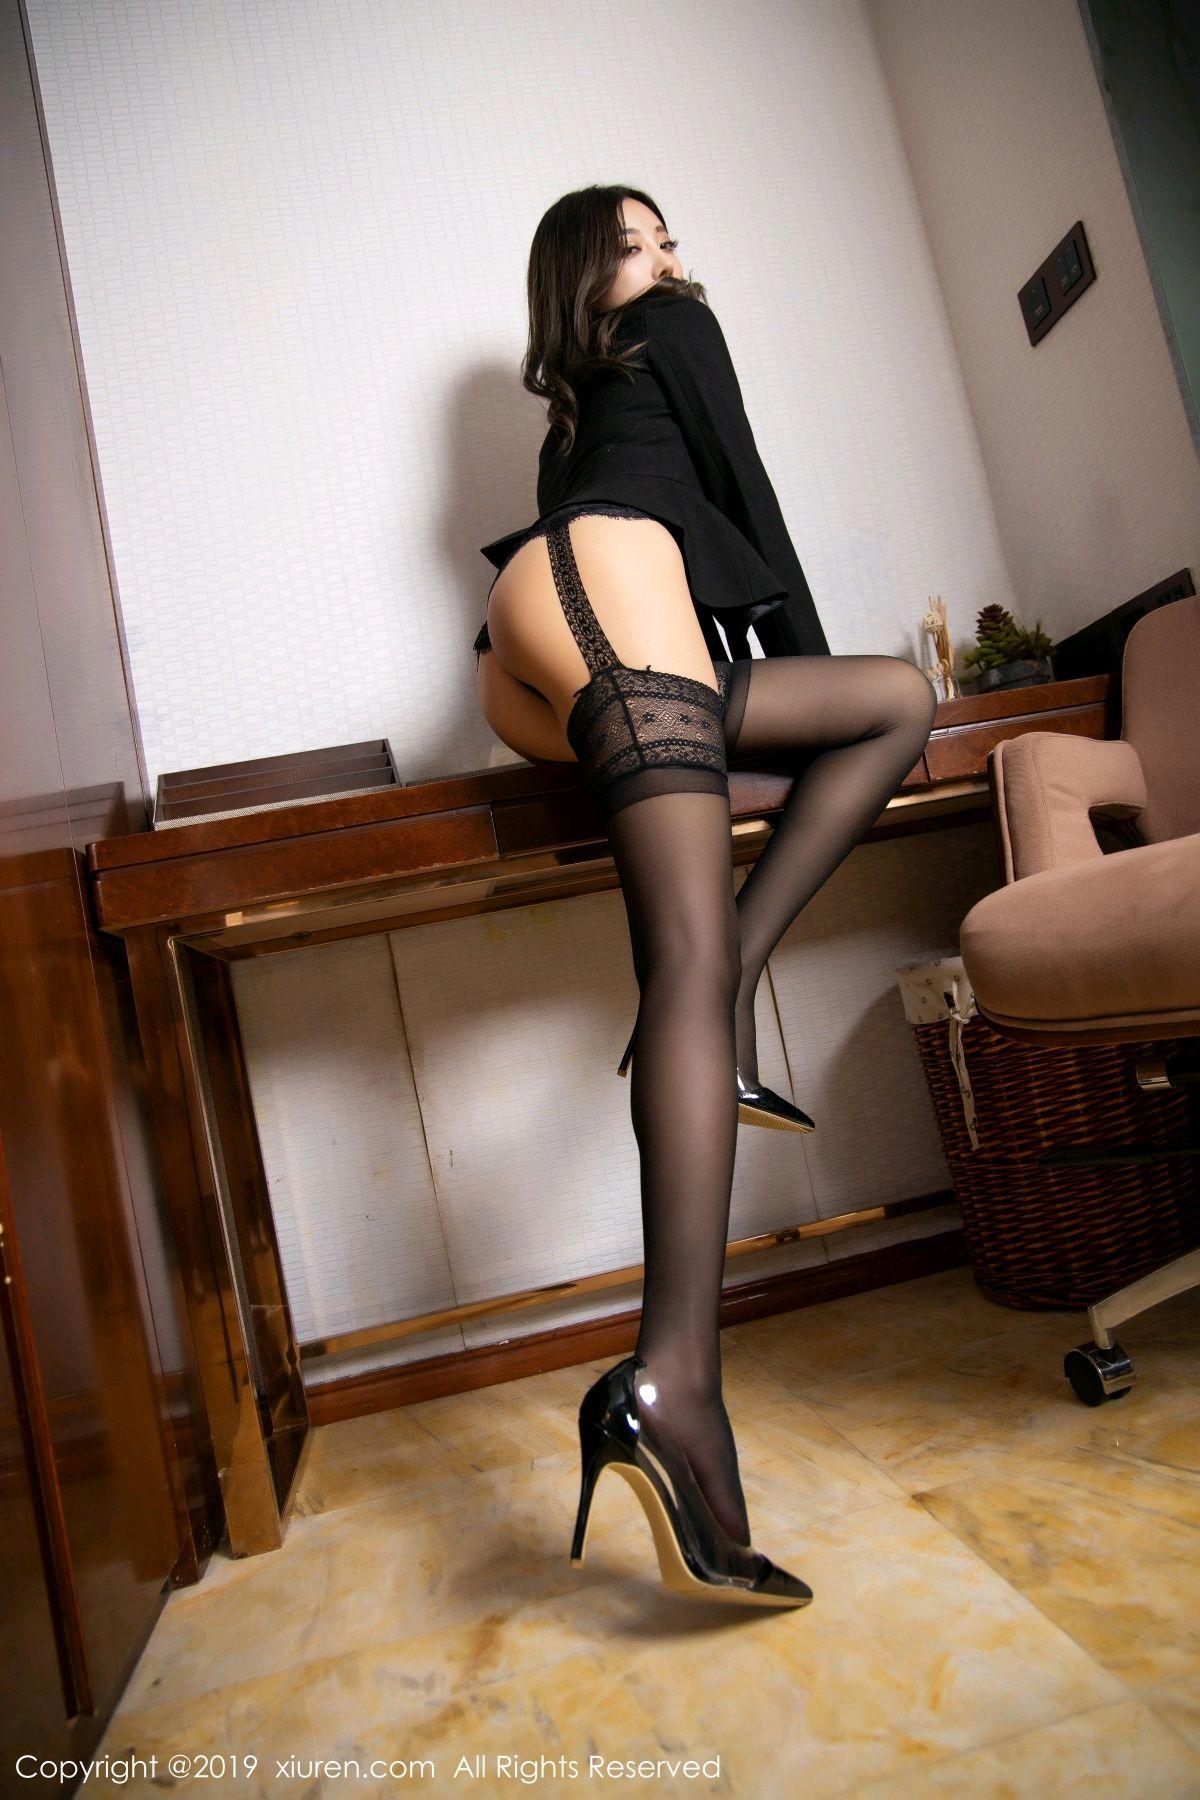 [XiaoYu] Vol.1633 Yang Chen Chen 17P, Black Silk, Tall, Uniform, XiaoYu, Yang Chen Chen